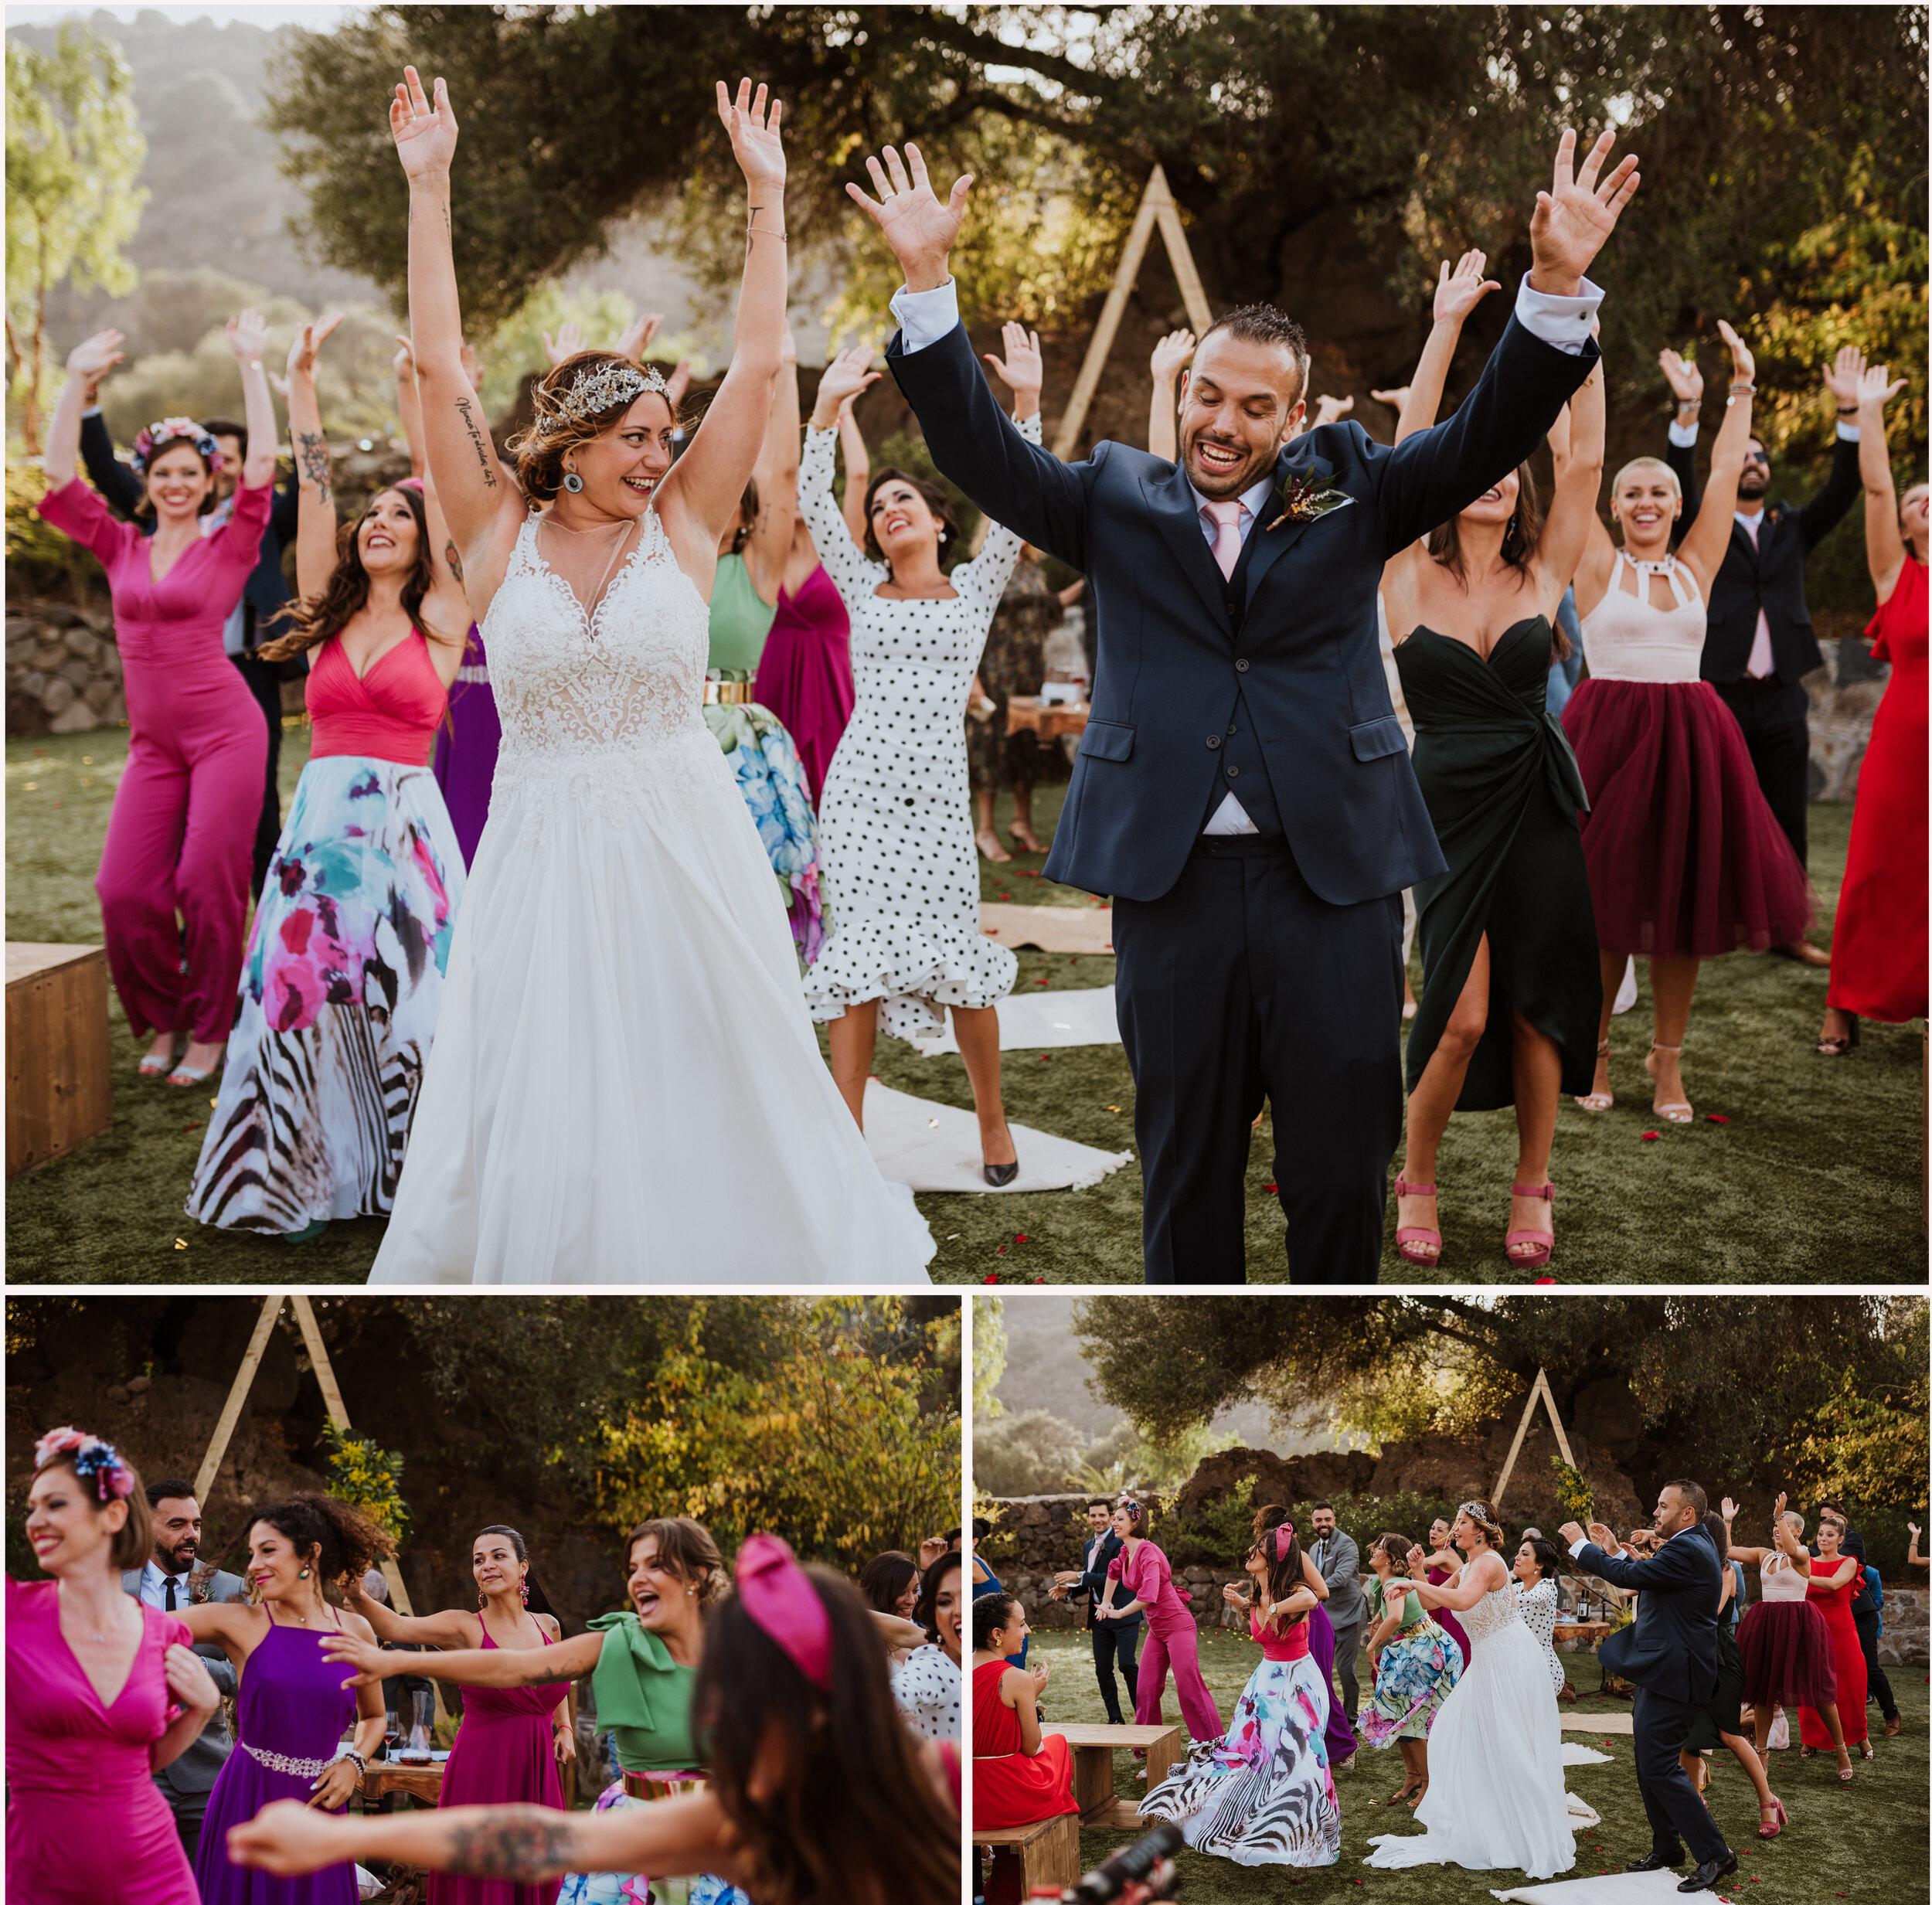 fotografo de bodas las palmas_-78.jpg